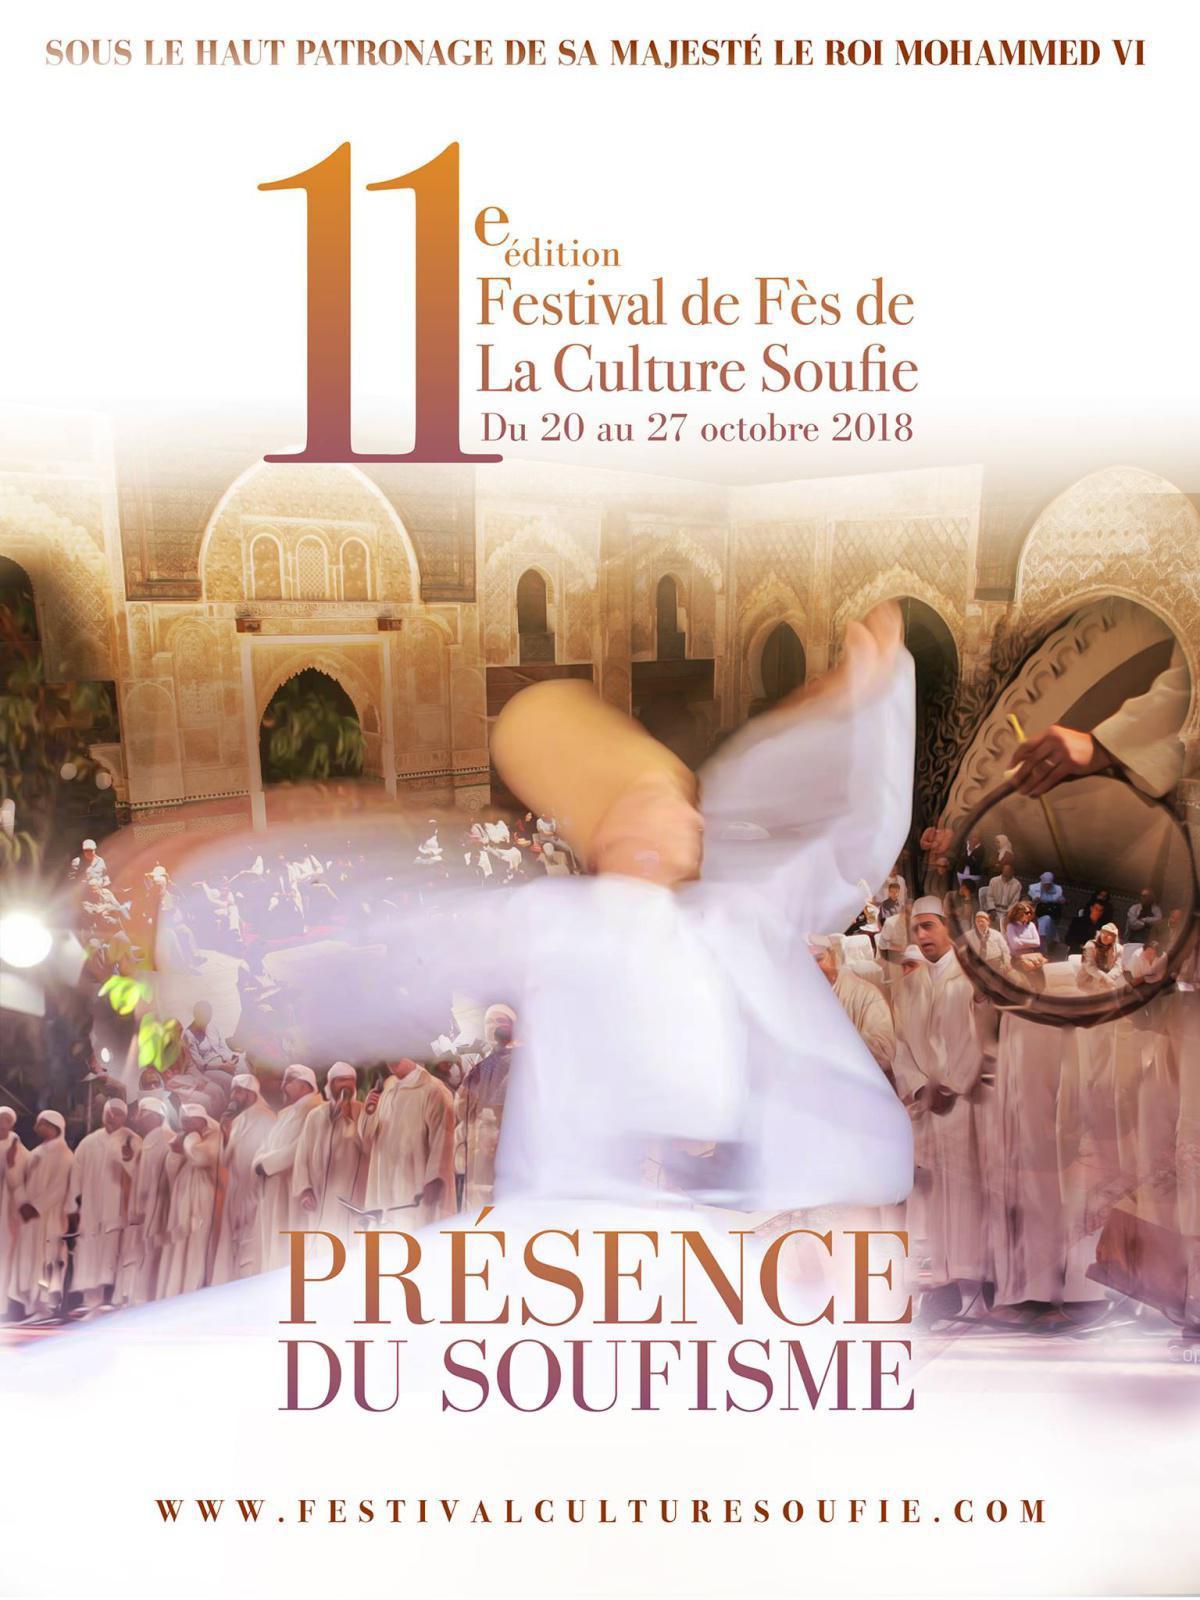 مهرجان فاس للثقافة الصوفية يناقش الحضور النسائي في التصوف